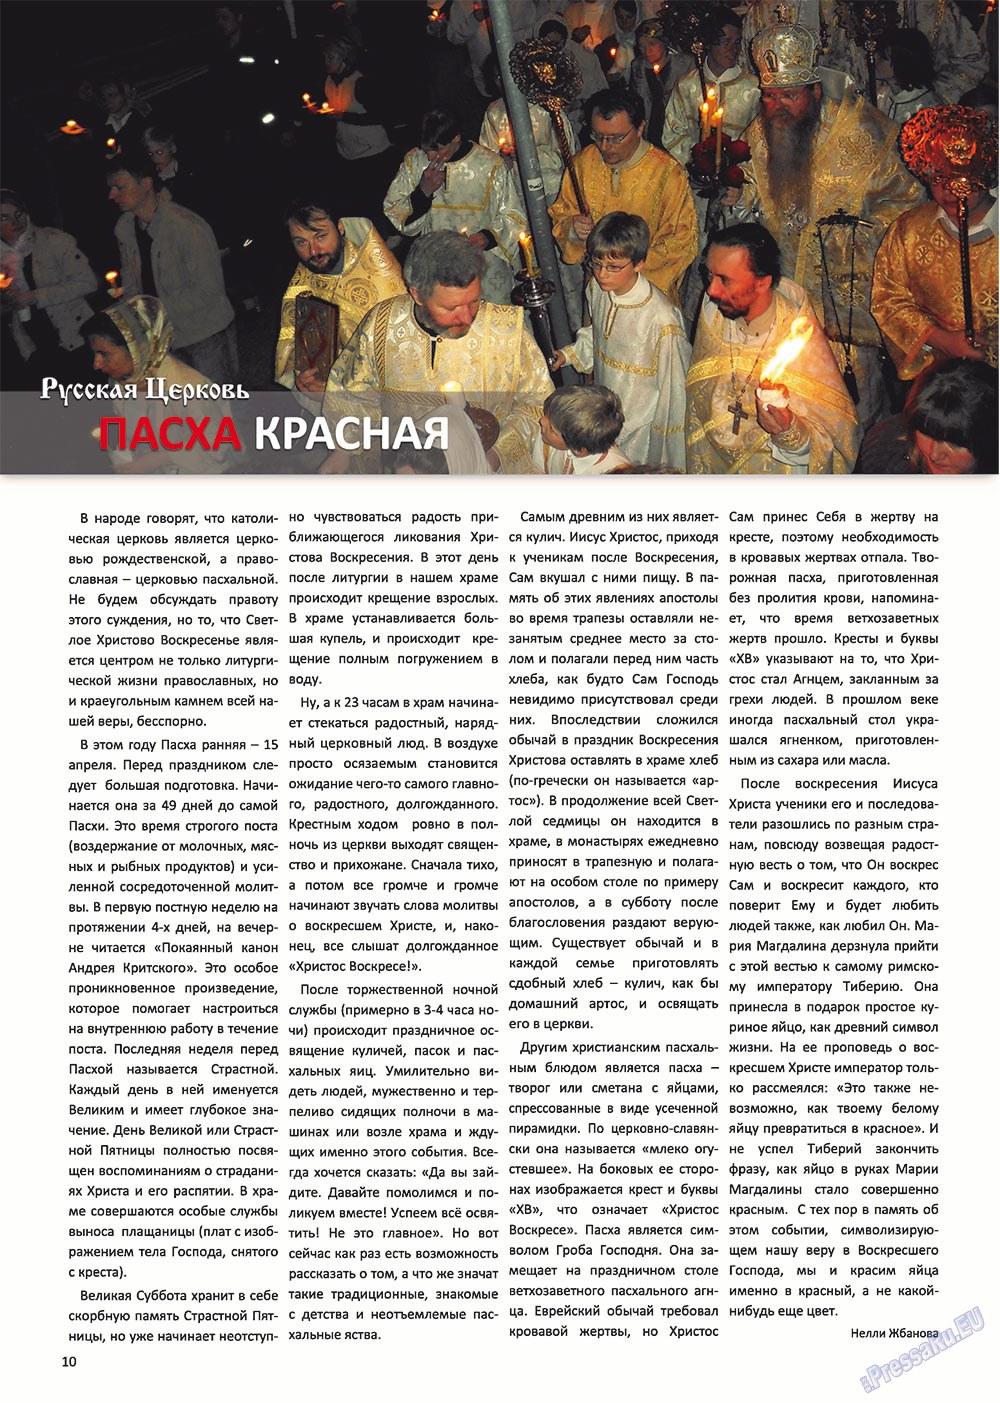 Русский Штутгарт (журнал). 2012 год, номер 17, стр. 10